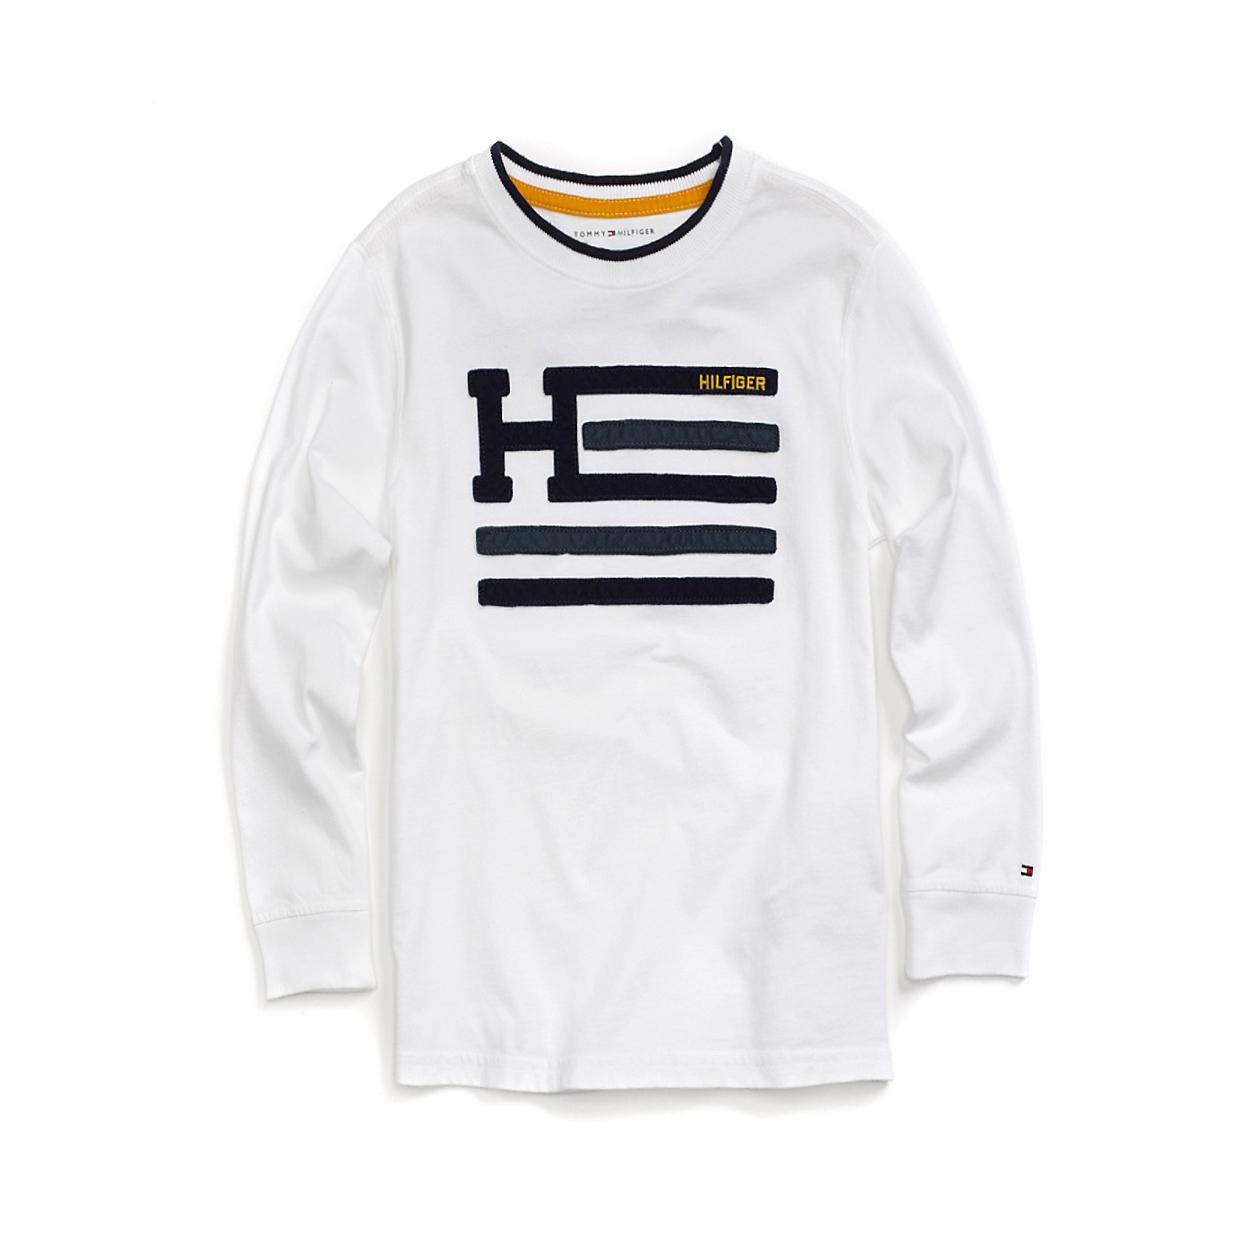 美國百分百【Tommy Hilfiger】T恤 TH 純棉 長袖 T-shirt logo 白色 XS號 F617